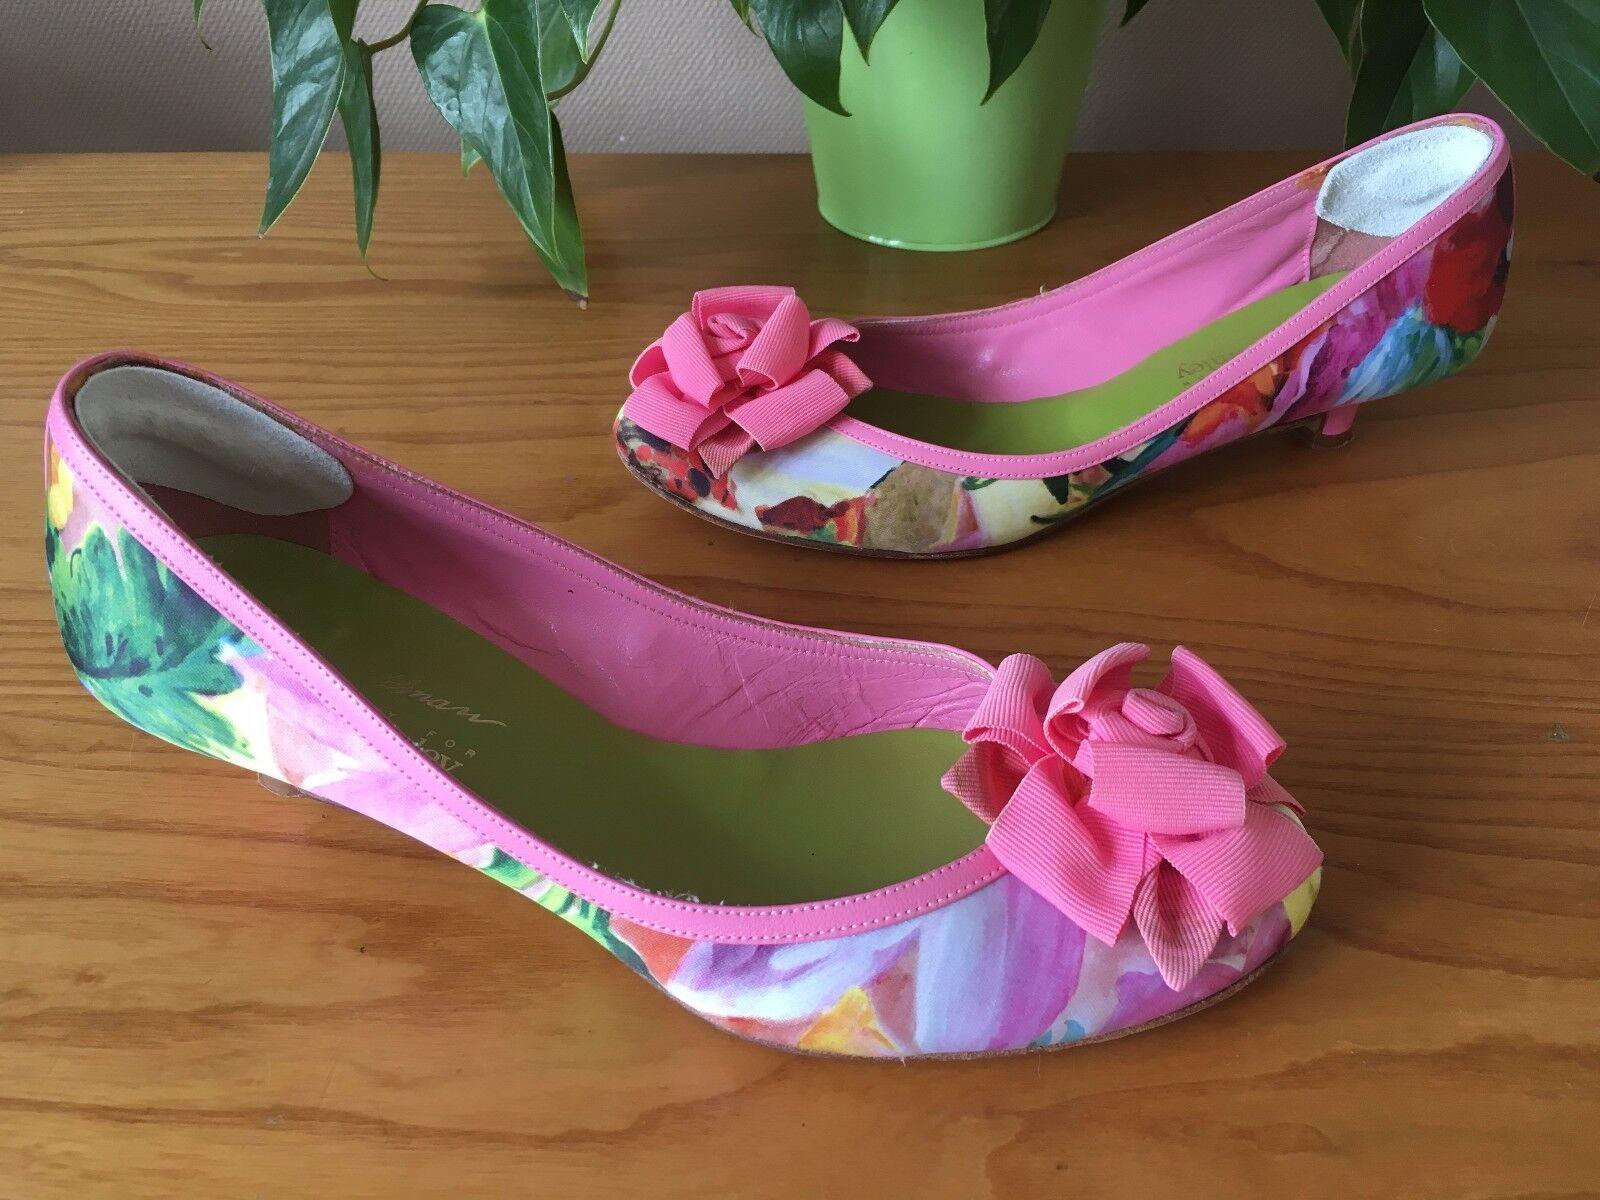 Beverley Feldman Russell & Bromley pink floral ballerina pumps UK 4.5 EU 37.5